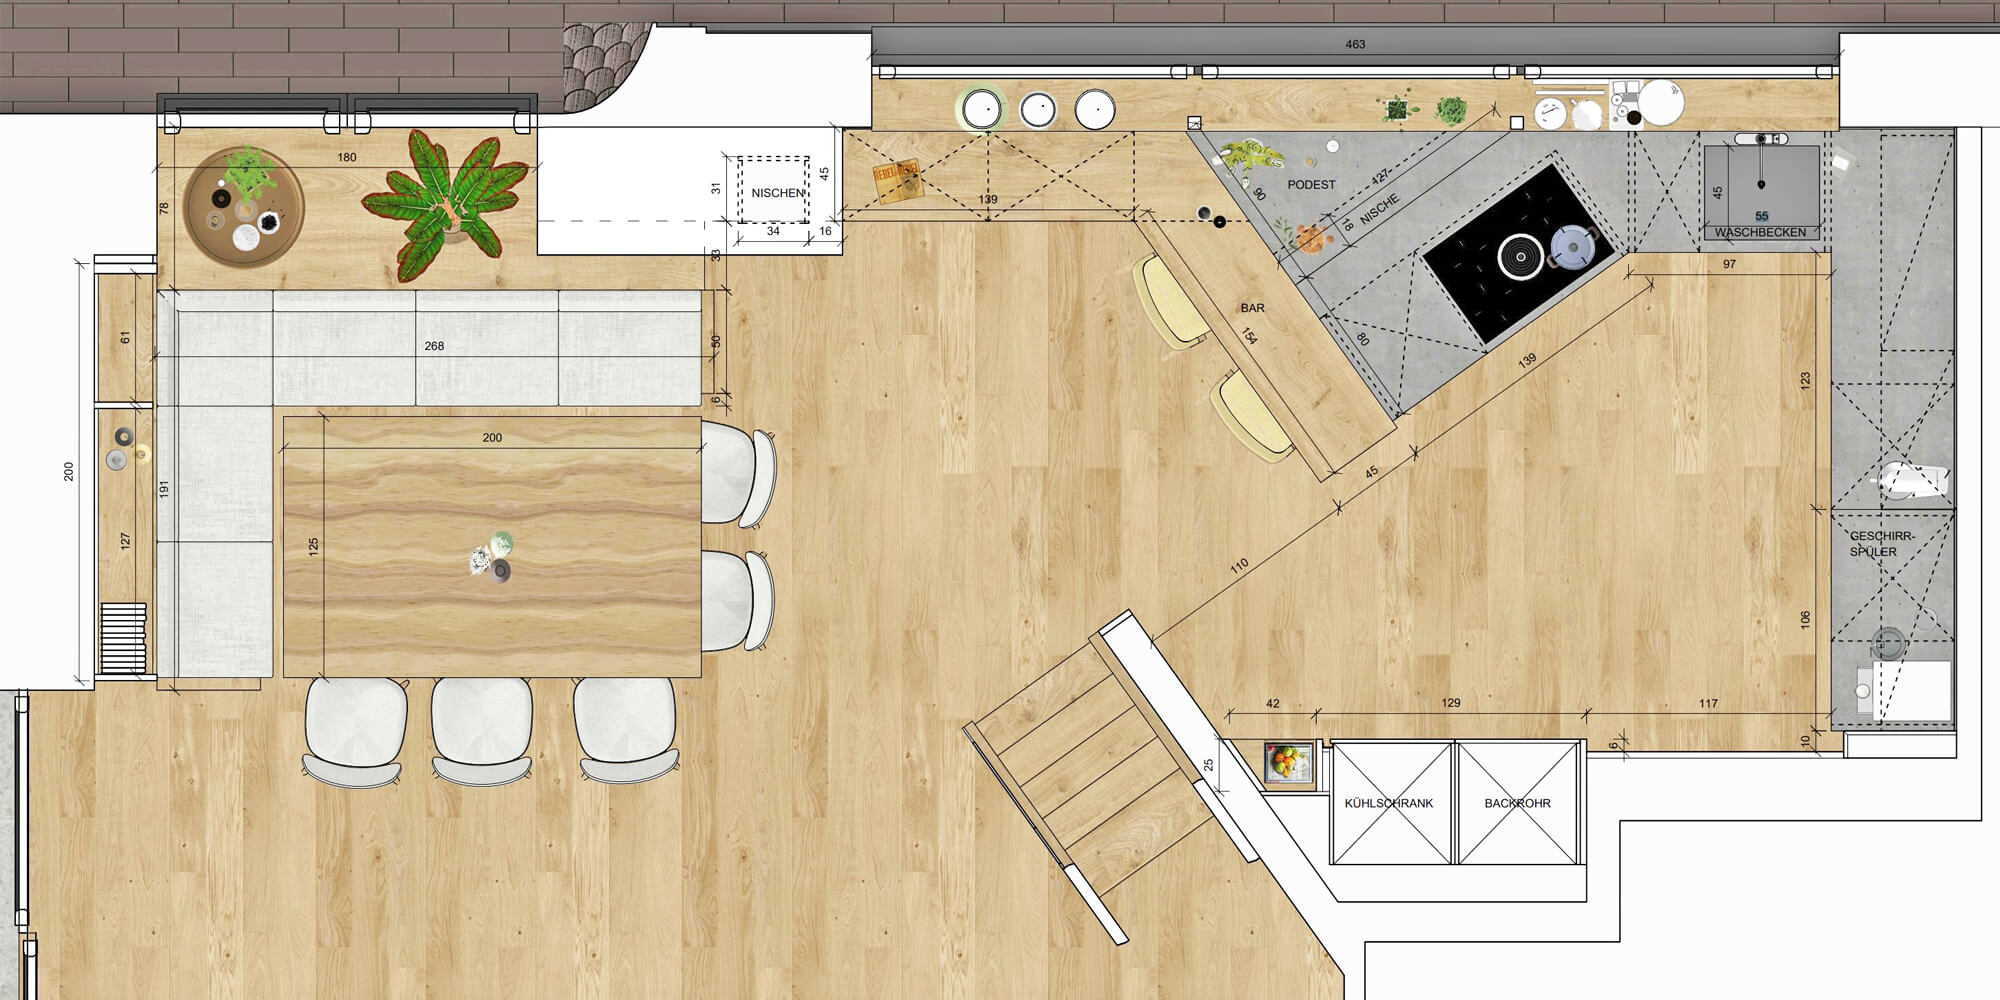 Cre-Plan-Design-Architektur-Innenarchitektur-Design-Projekt-Referenz-Innenarchitektur-Möbeldesign-Küche-01